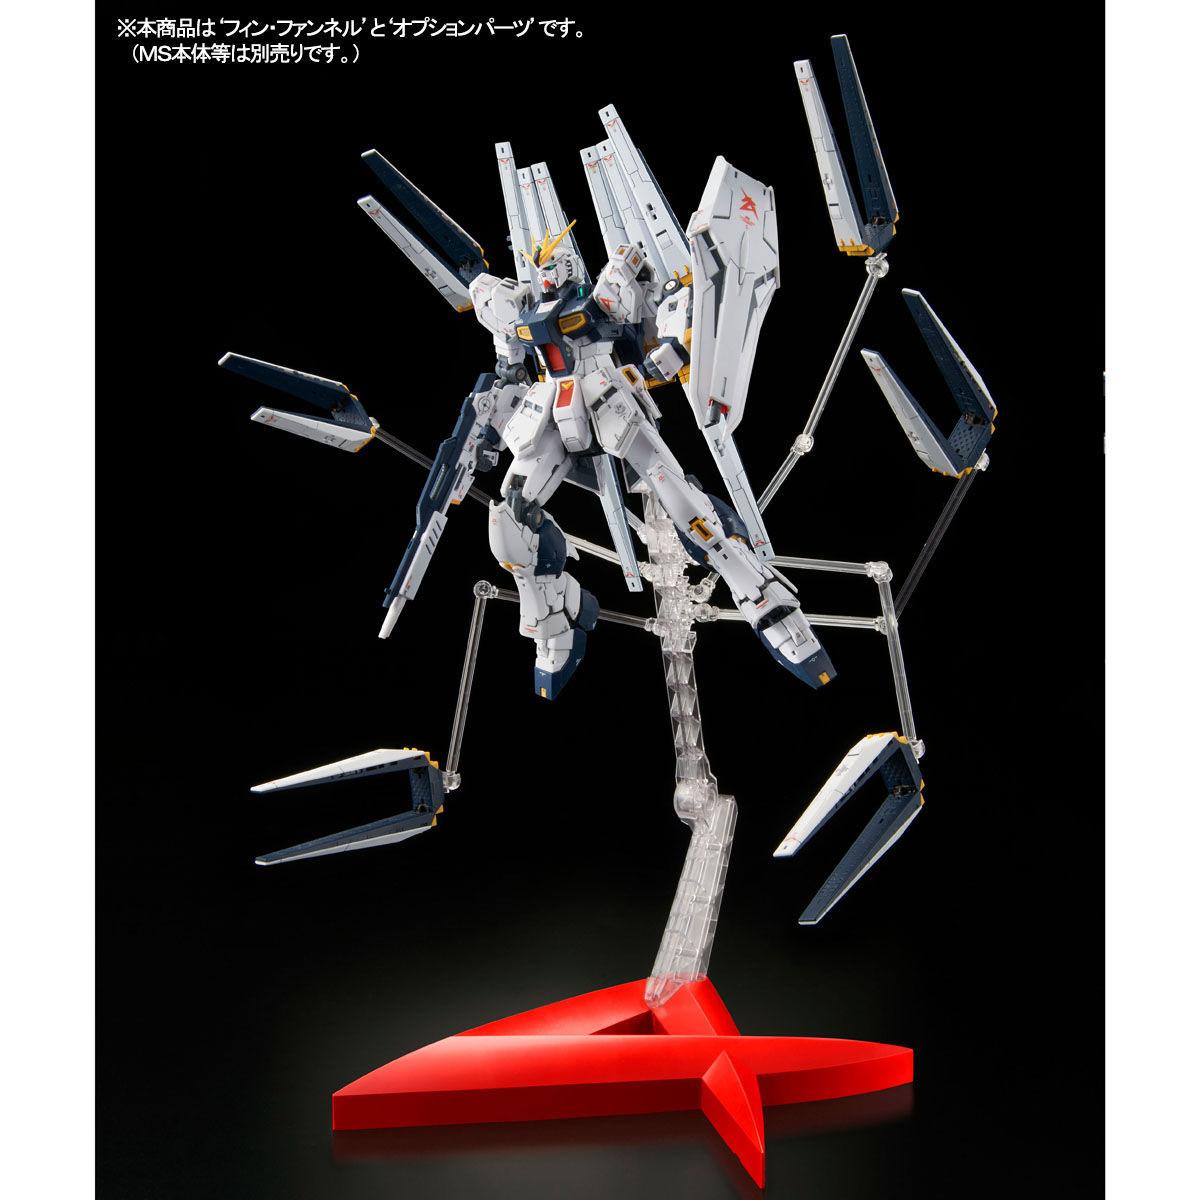 RG 1/144『νガンダム用ダブル・フィン・ファンネル拡張ユニット』逆襲のシャア プラモデル-005